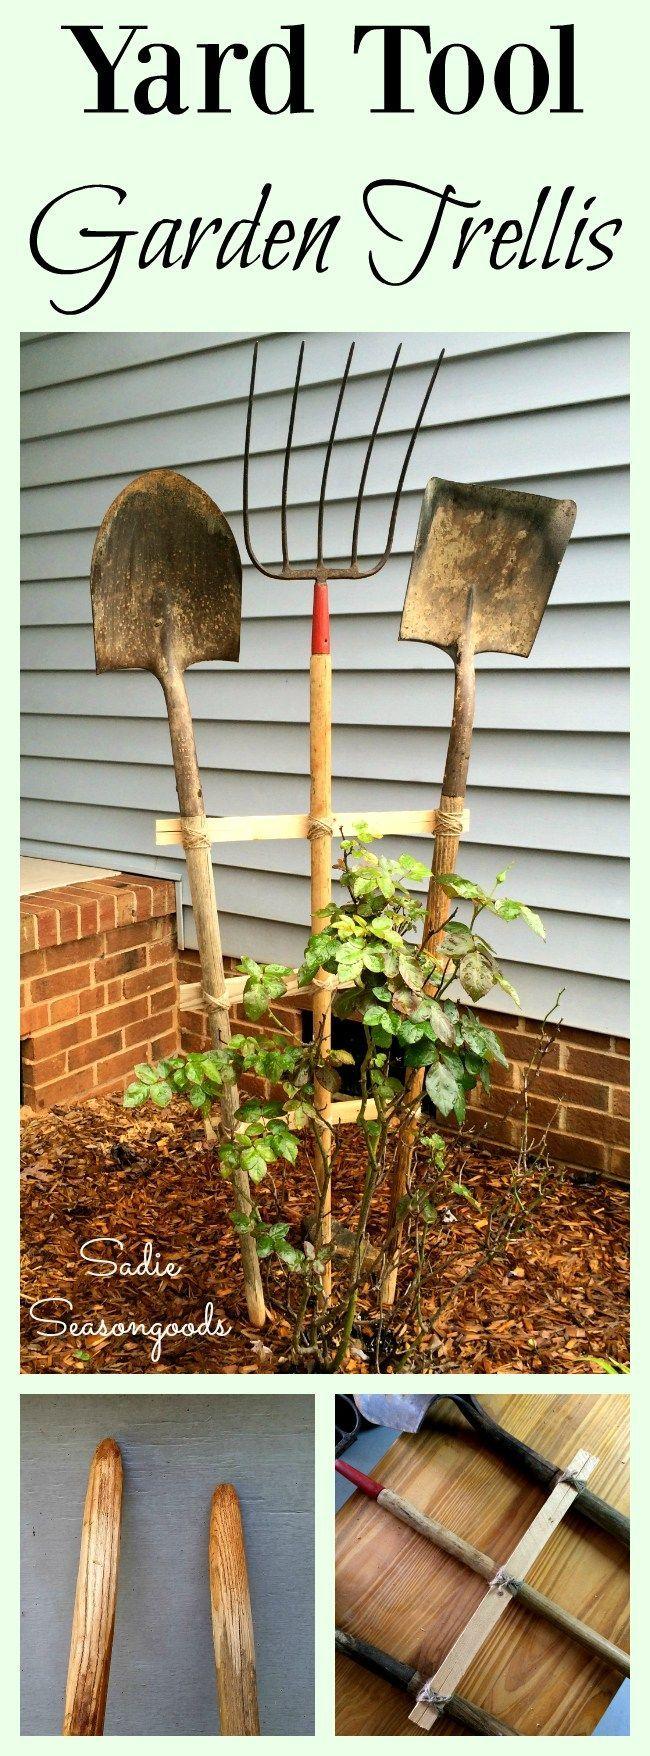 Building a Garden Trellis with Farm Tools for Garden Art / Primitive Decor